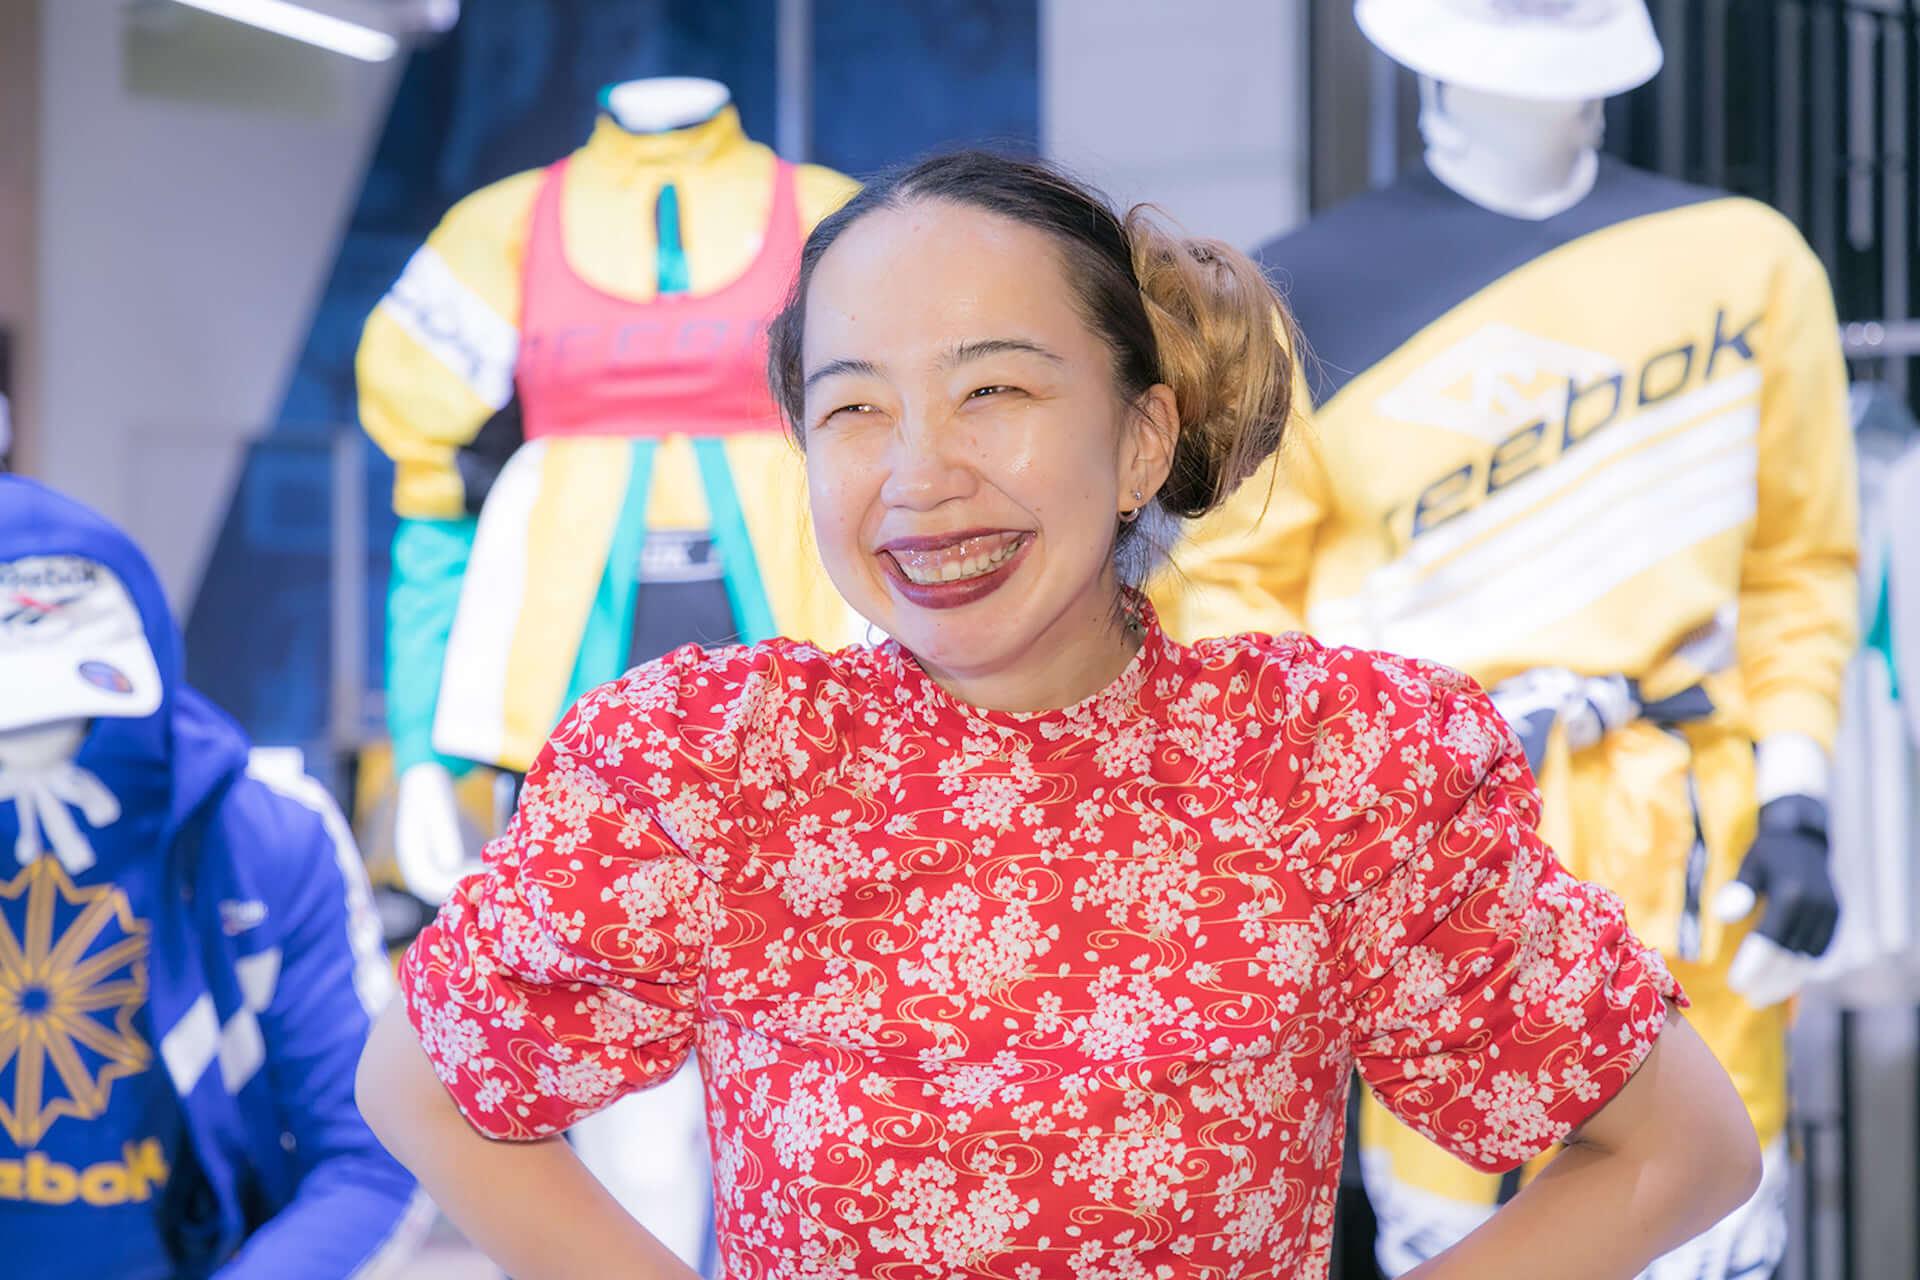 フィットネスとファッションを融合するReebok Store Shibuyaがオープン|スタイリングプロジェクト実施、限定アイテムも life190913_reebok_5-1920x1280